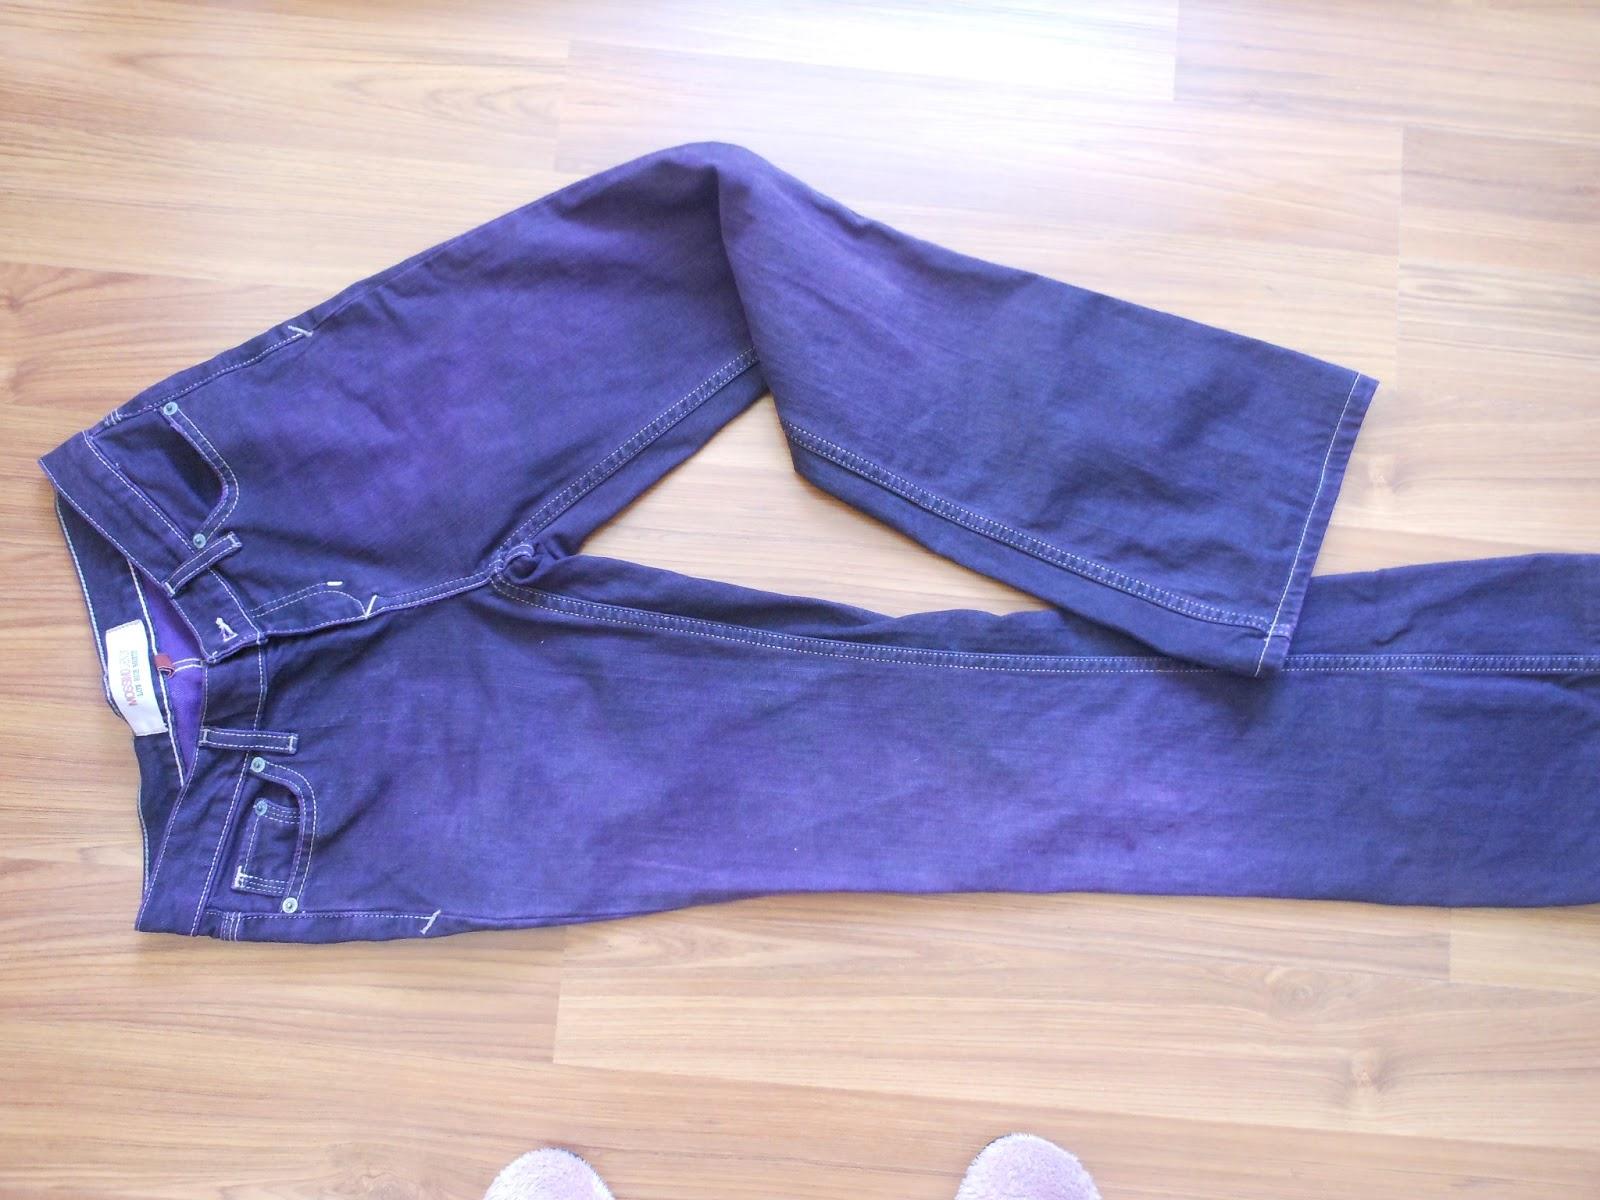 Pantolonun Rengi Soldu Ne Yapmalıyım